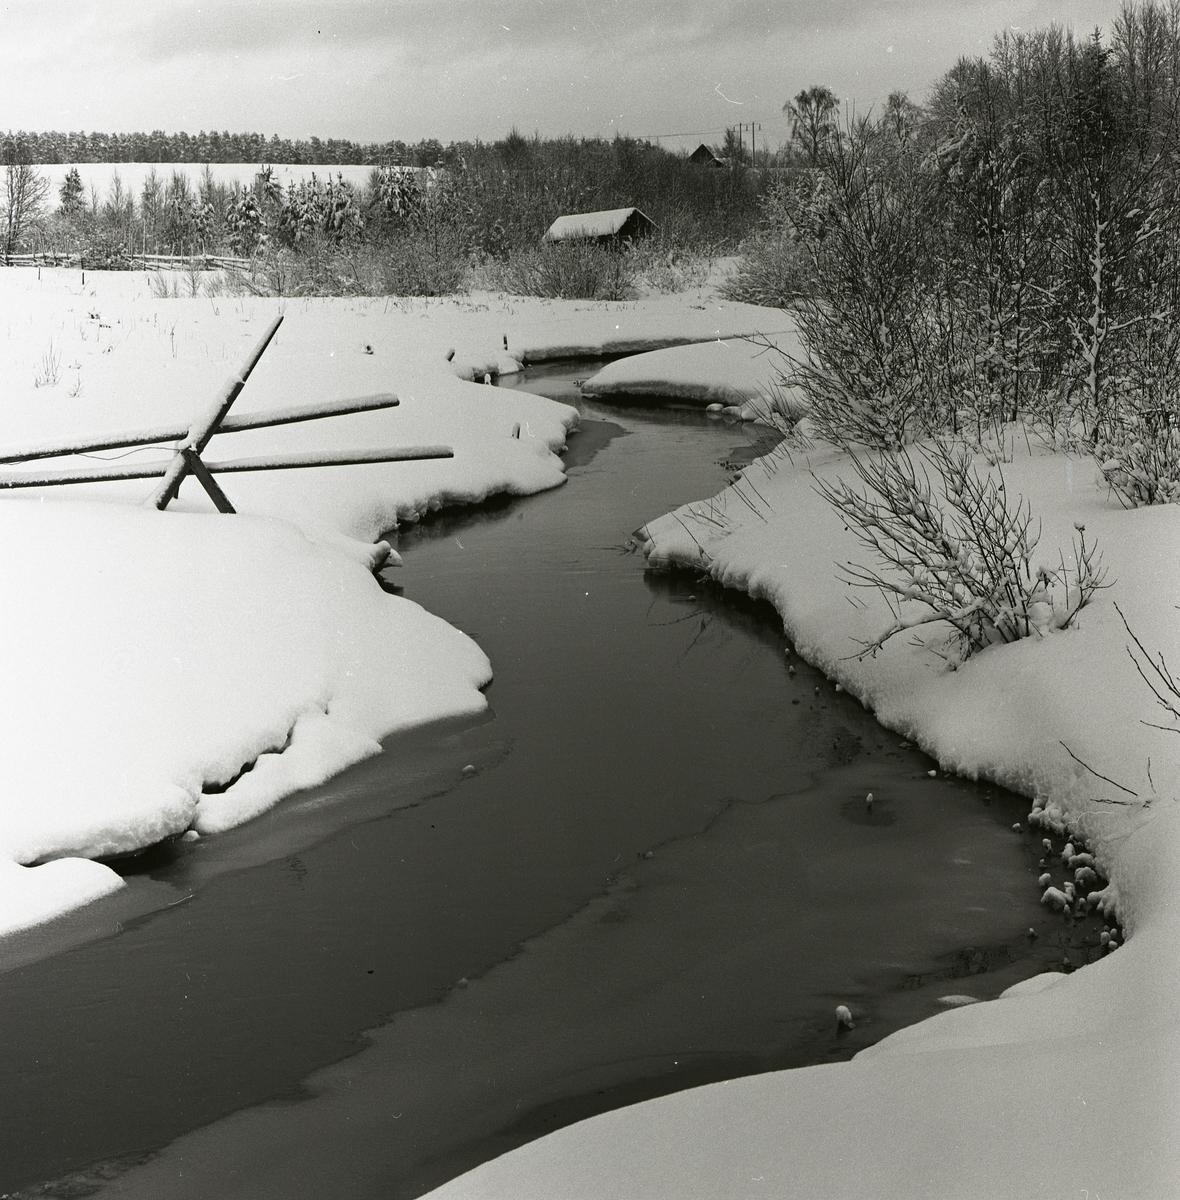 Ett vattendrag i snölandskap vid Hägnanbron, januari 1961.